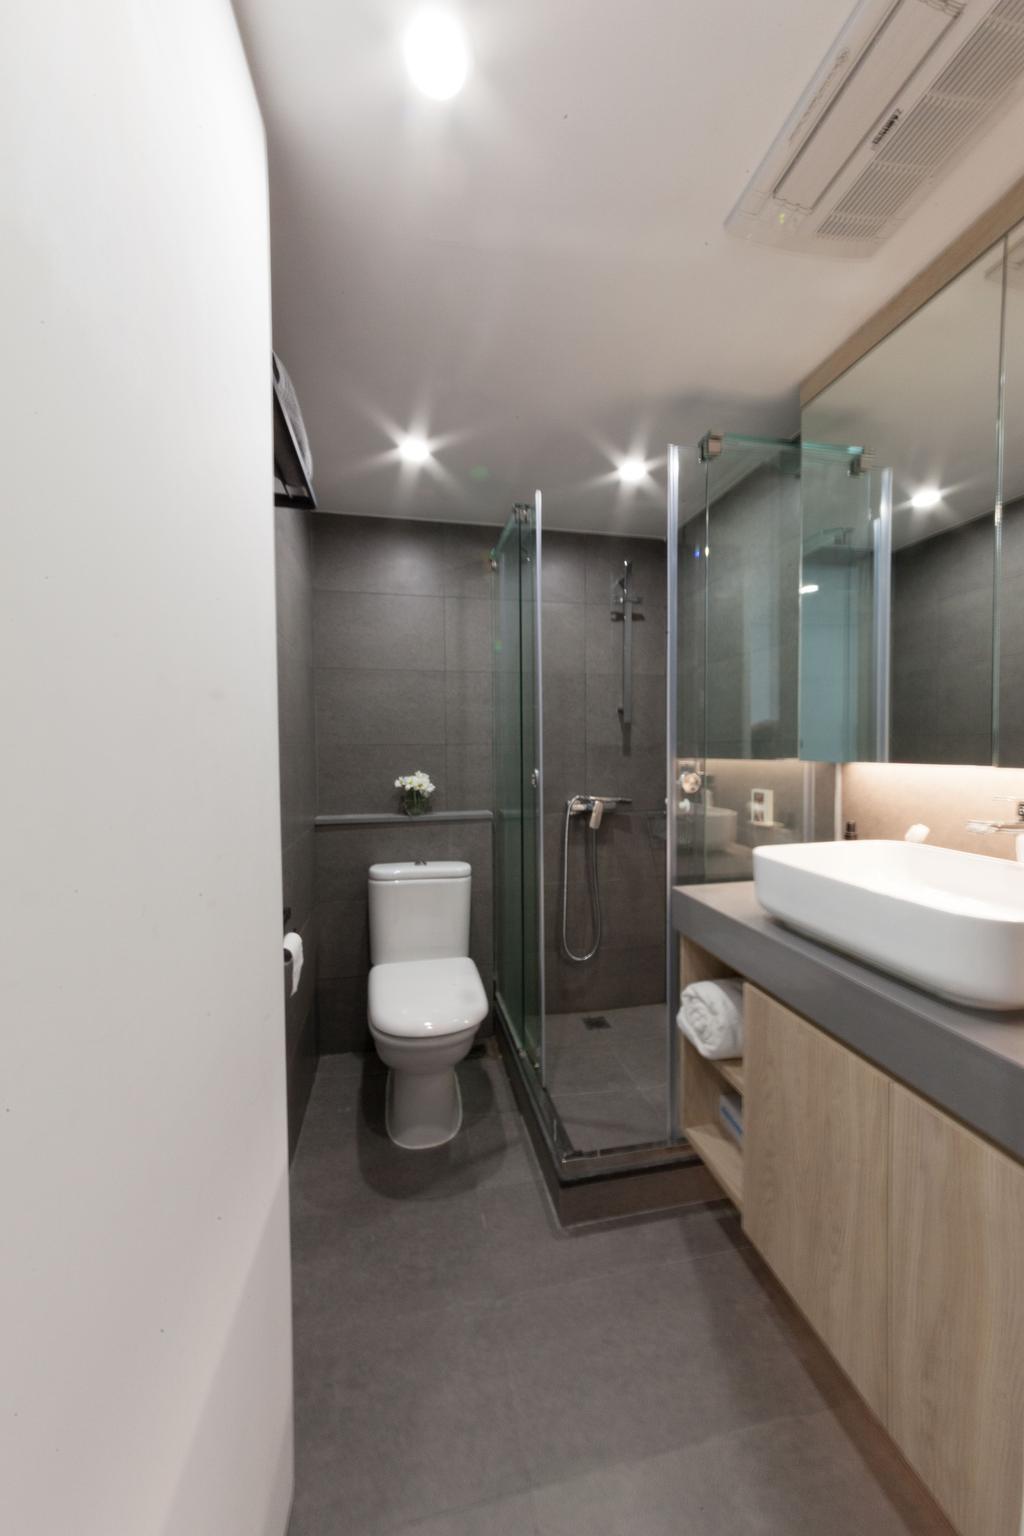 簡約, 私家樓, 帝峰.皇殿, 室內設計師, monoo interior Limited, Toilet, Sink, 浴室, Indoors, Interior Design, Room